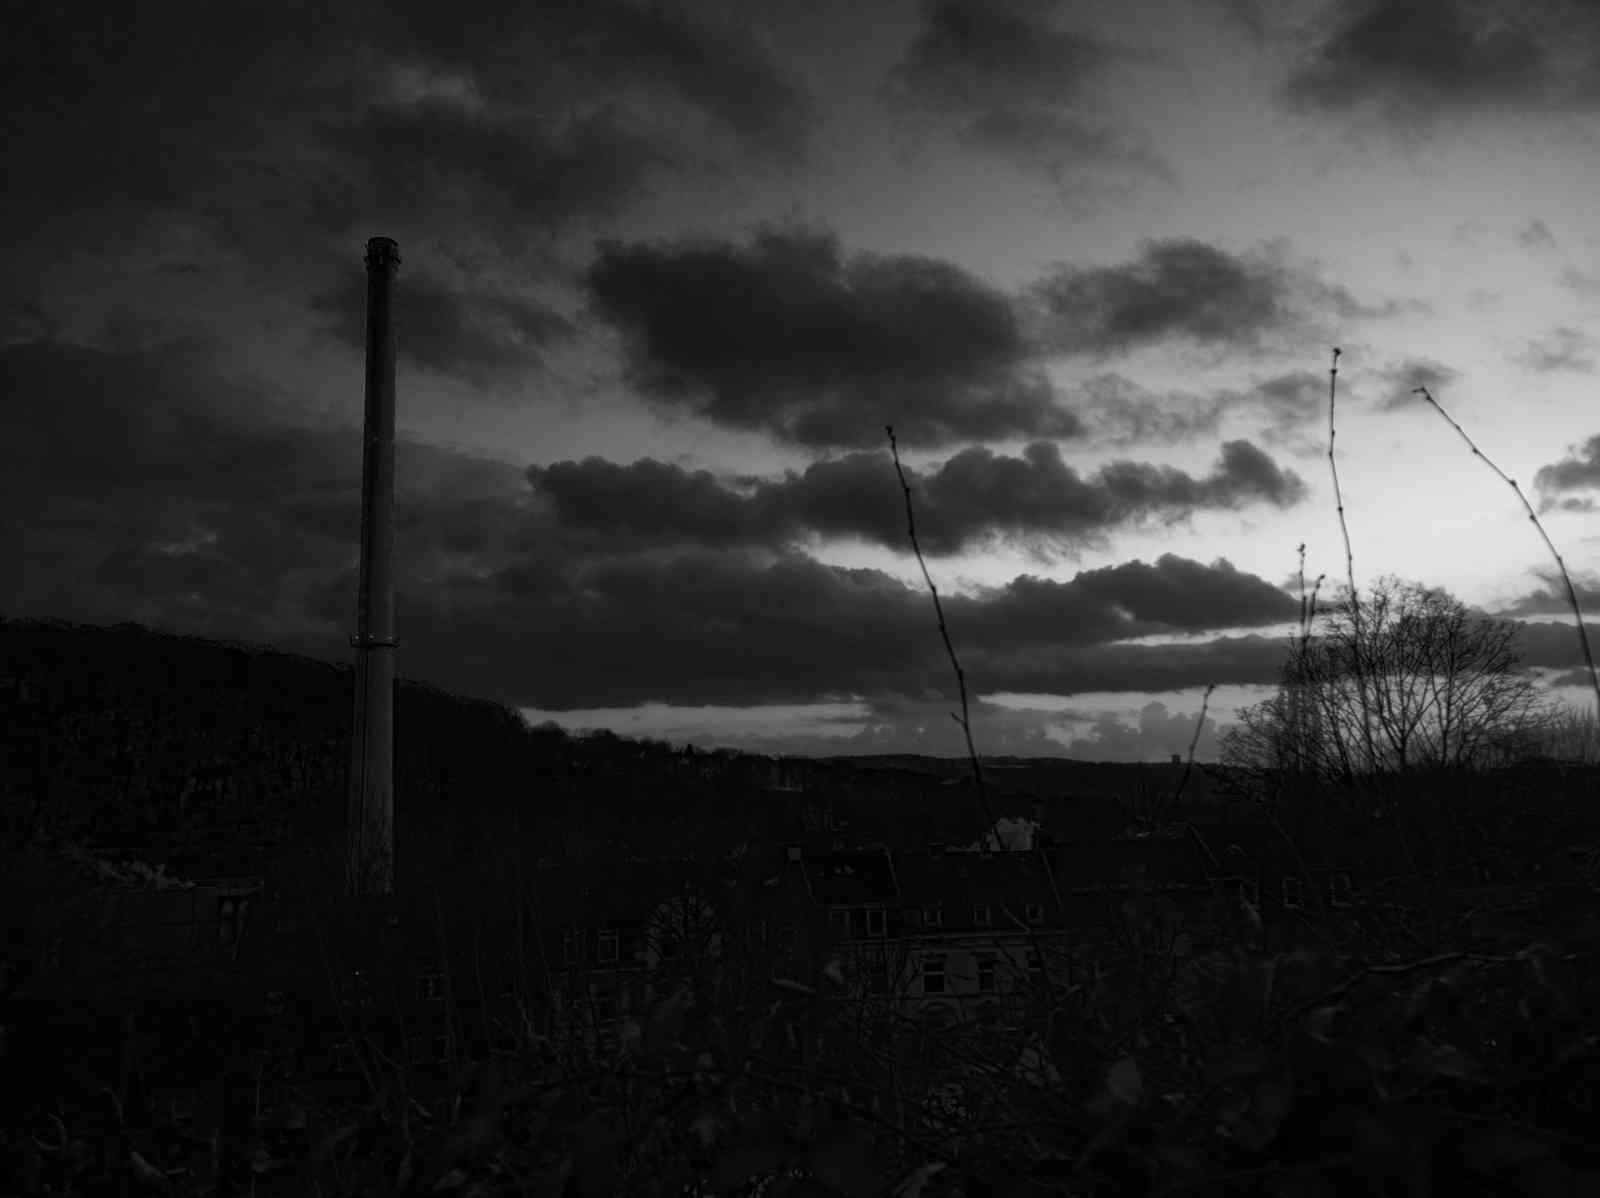 Der Große Schornstein, Wuppertal 01